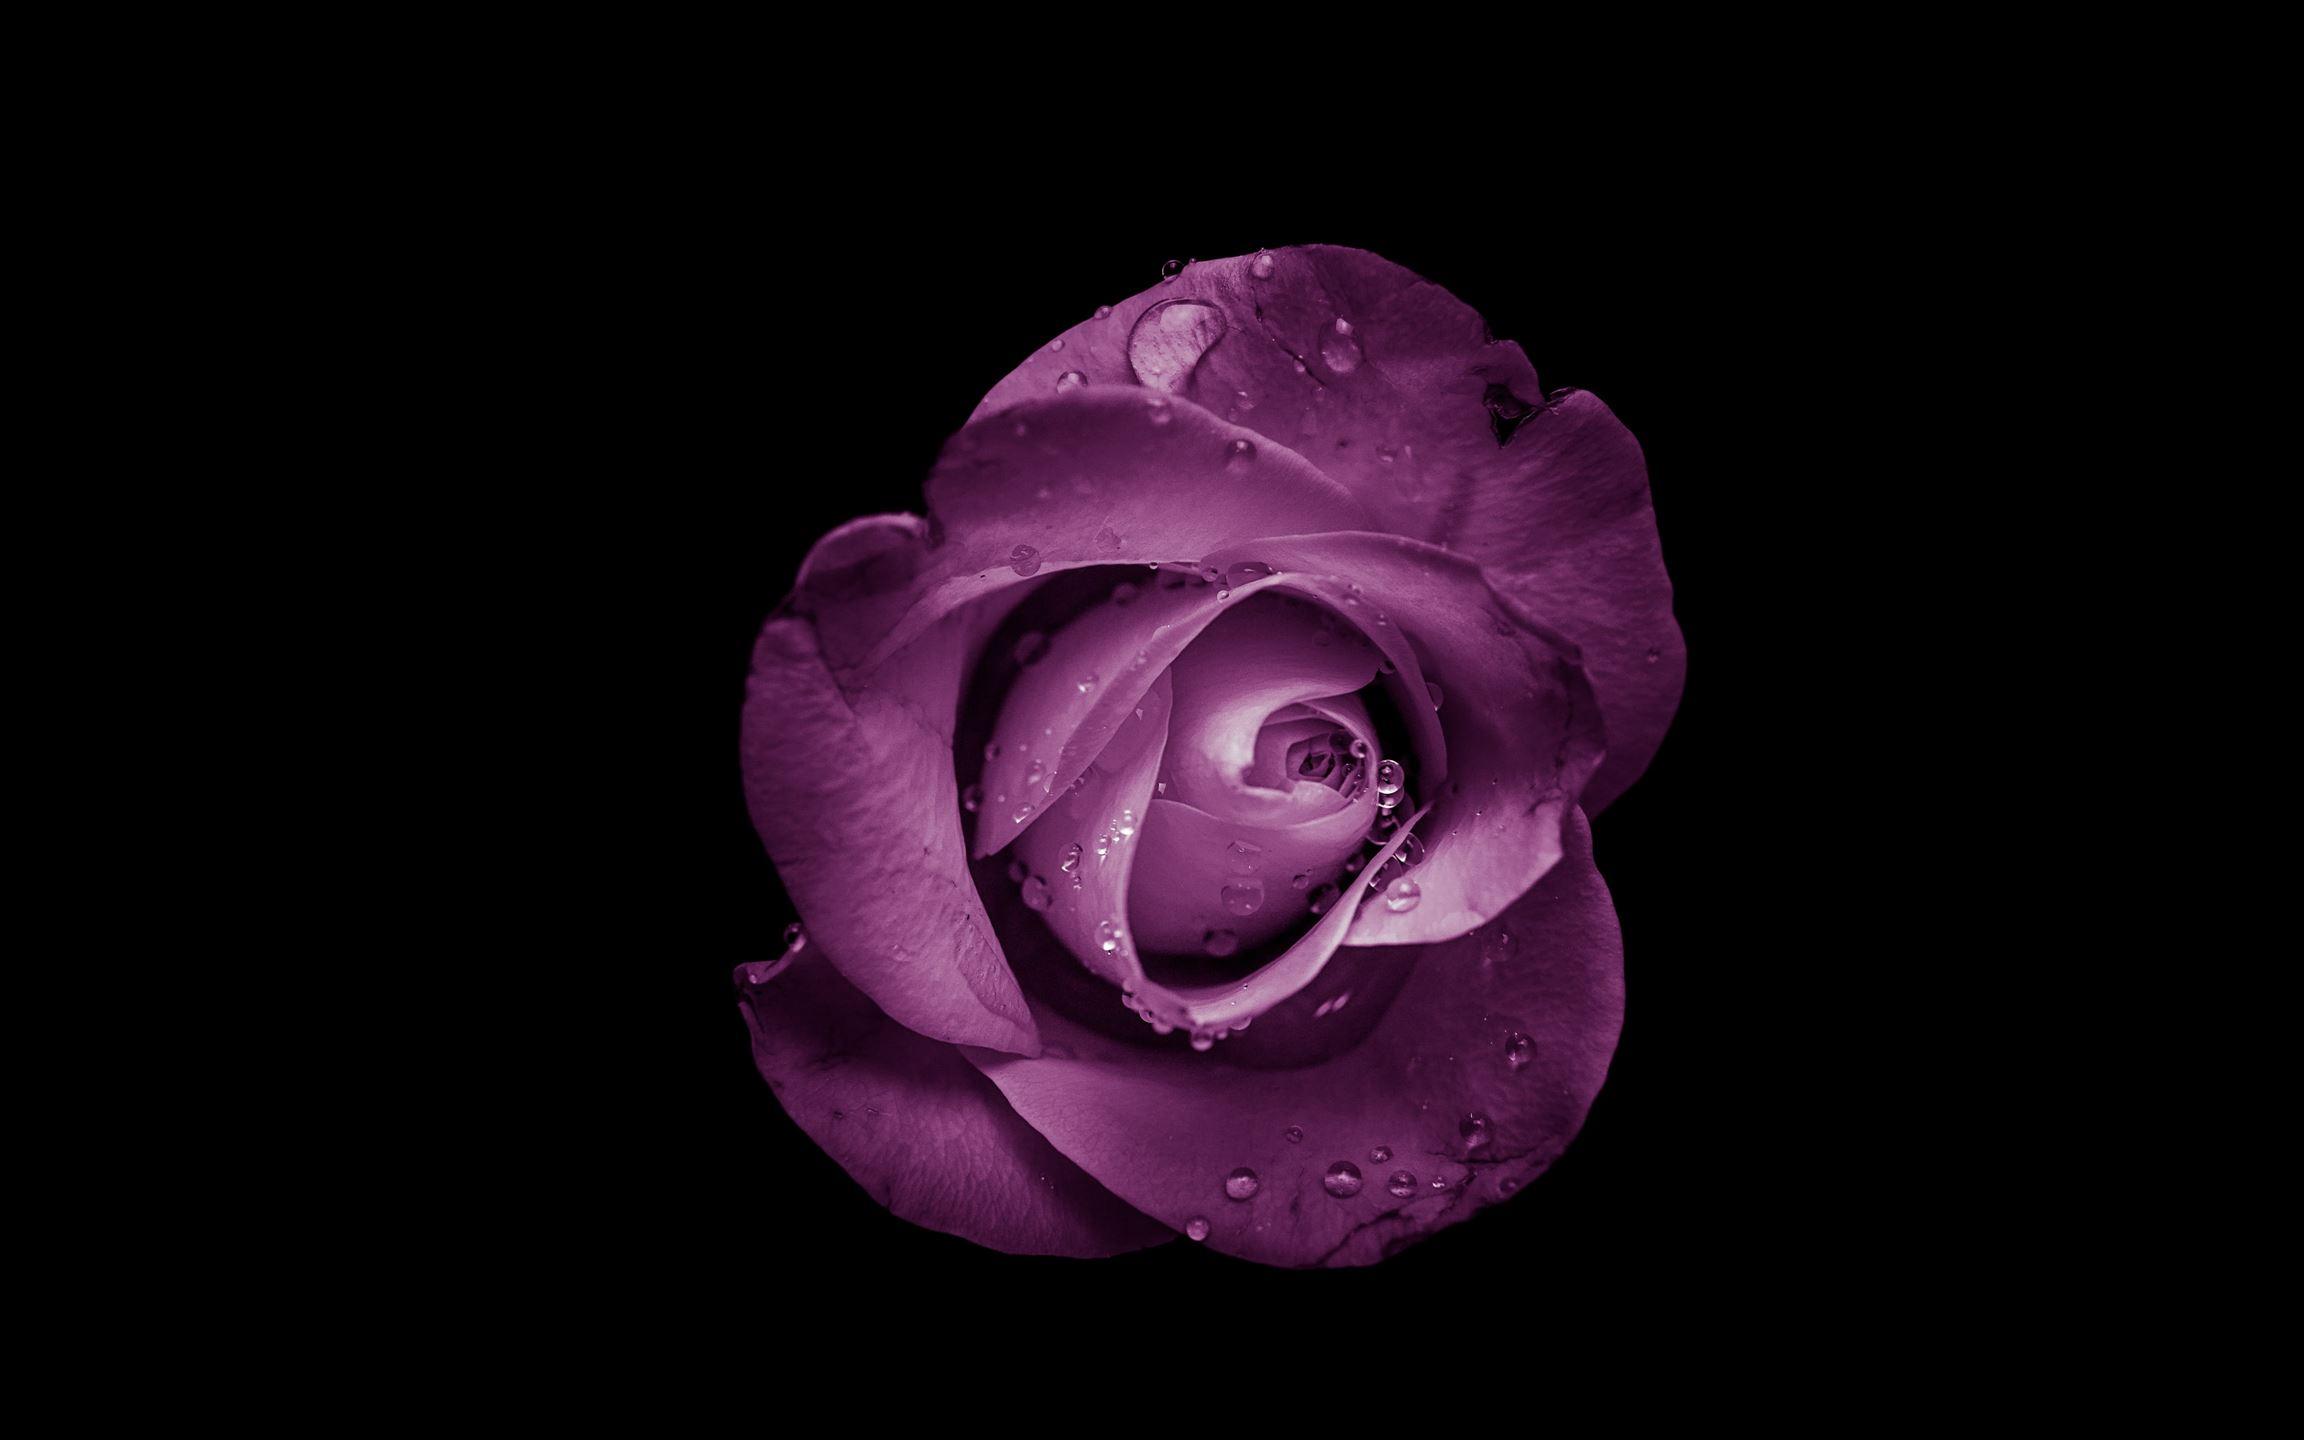 purple rose flower Mac Wallpaper Download | AllMacWallpaper